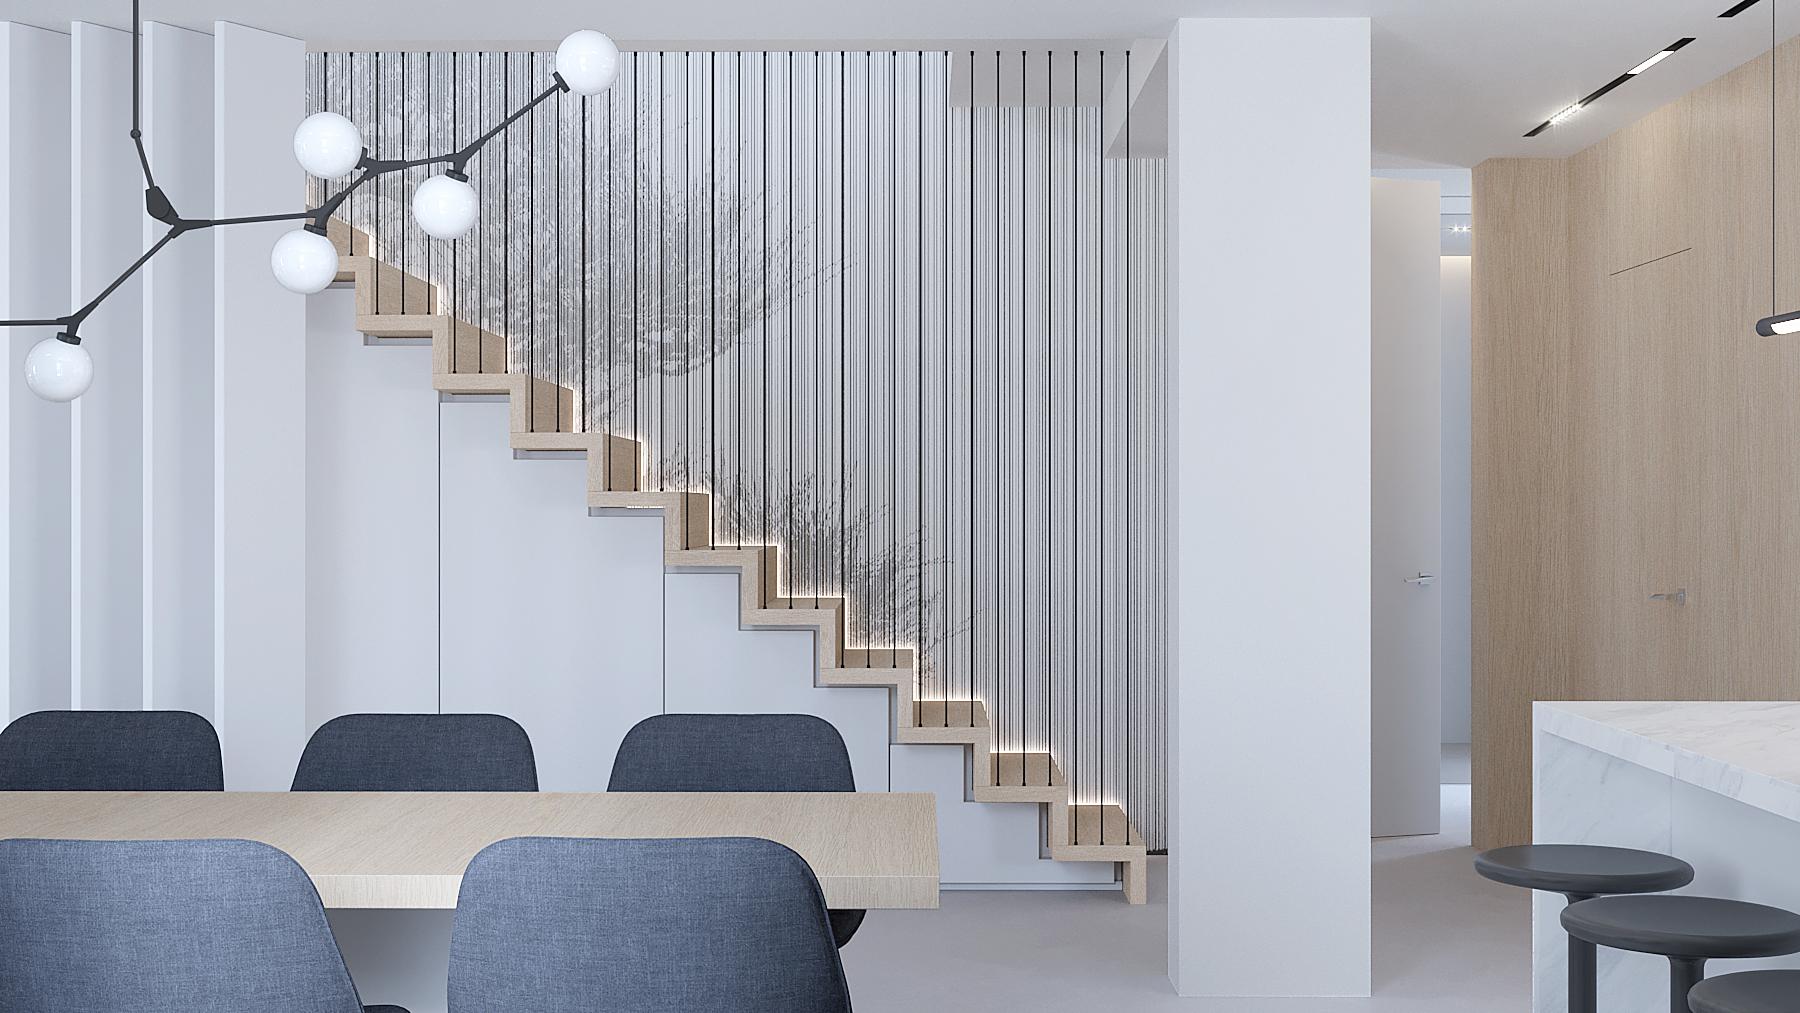 15 projektowanie wnetrz D557 dom Bibice klatka schodowa schody dwyanowe czarna balustrada tapeta na scianie